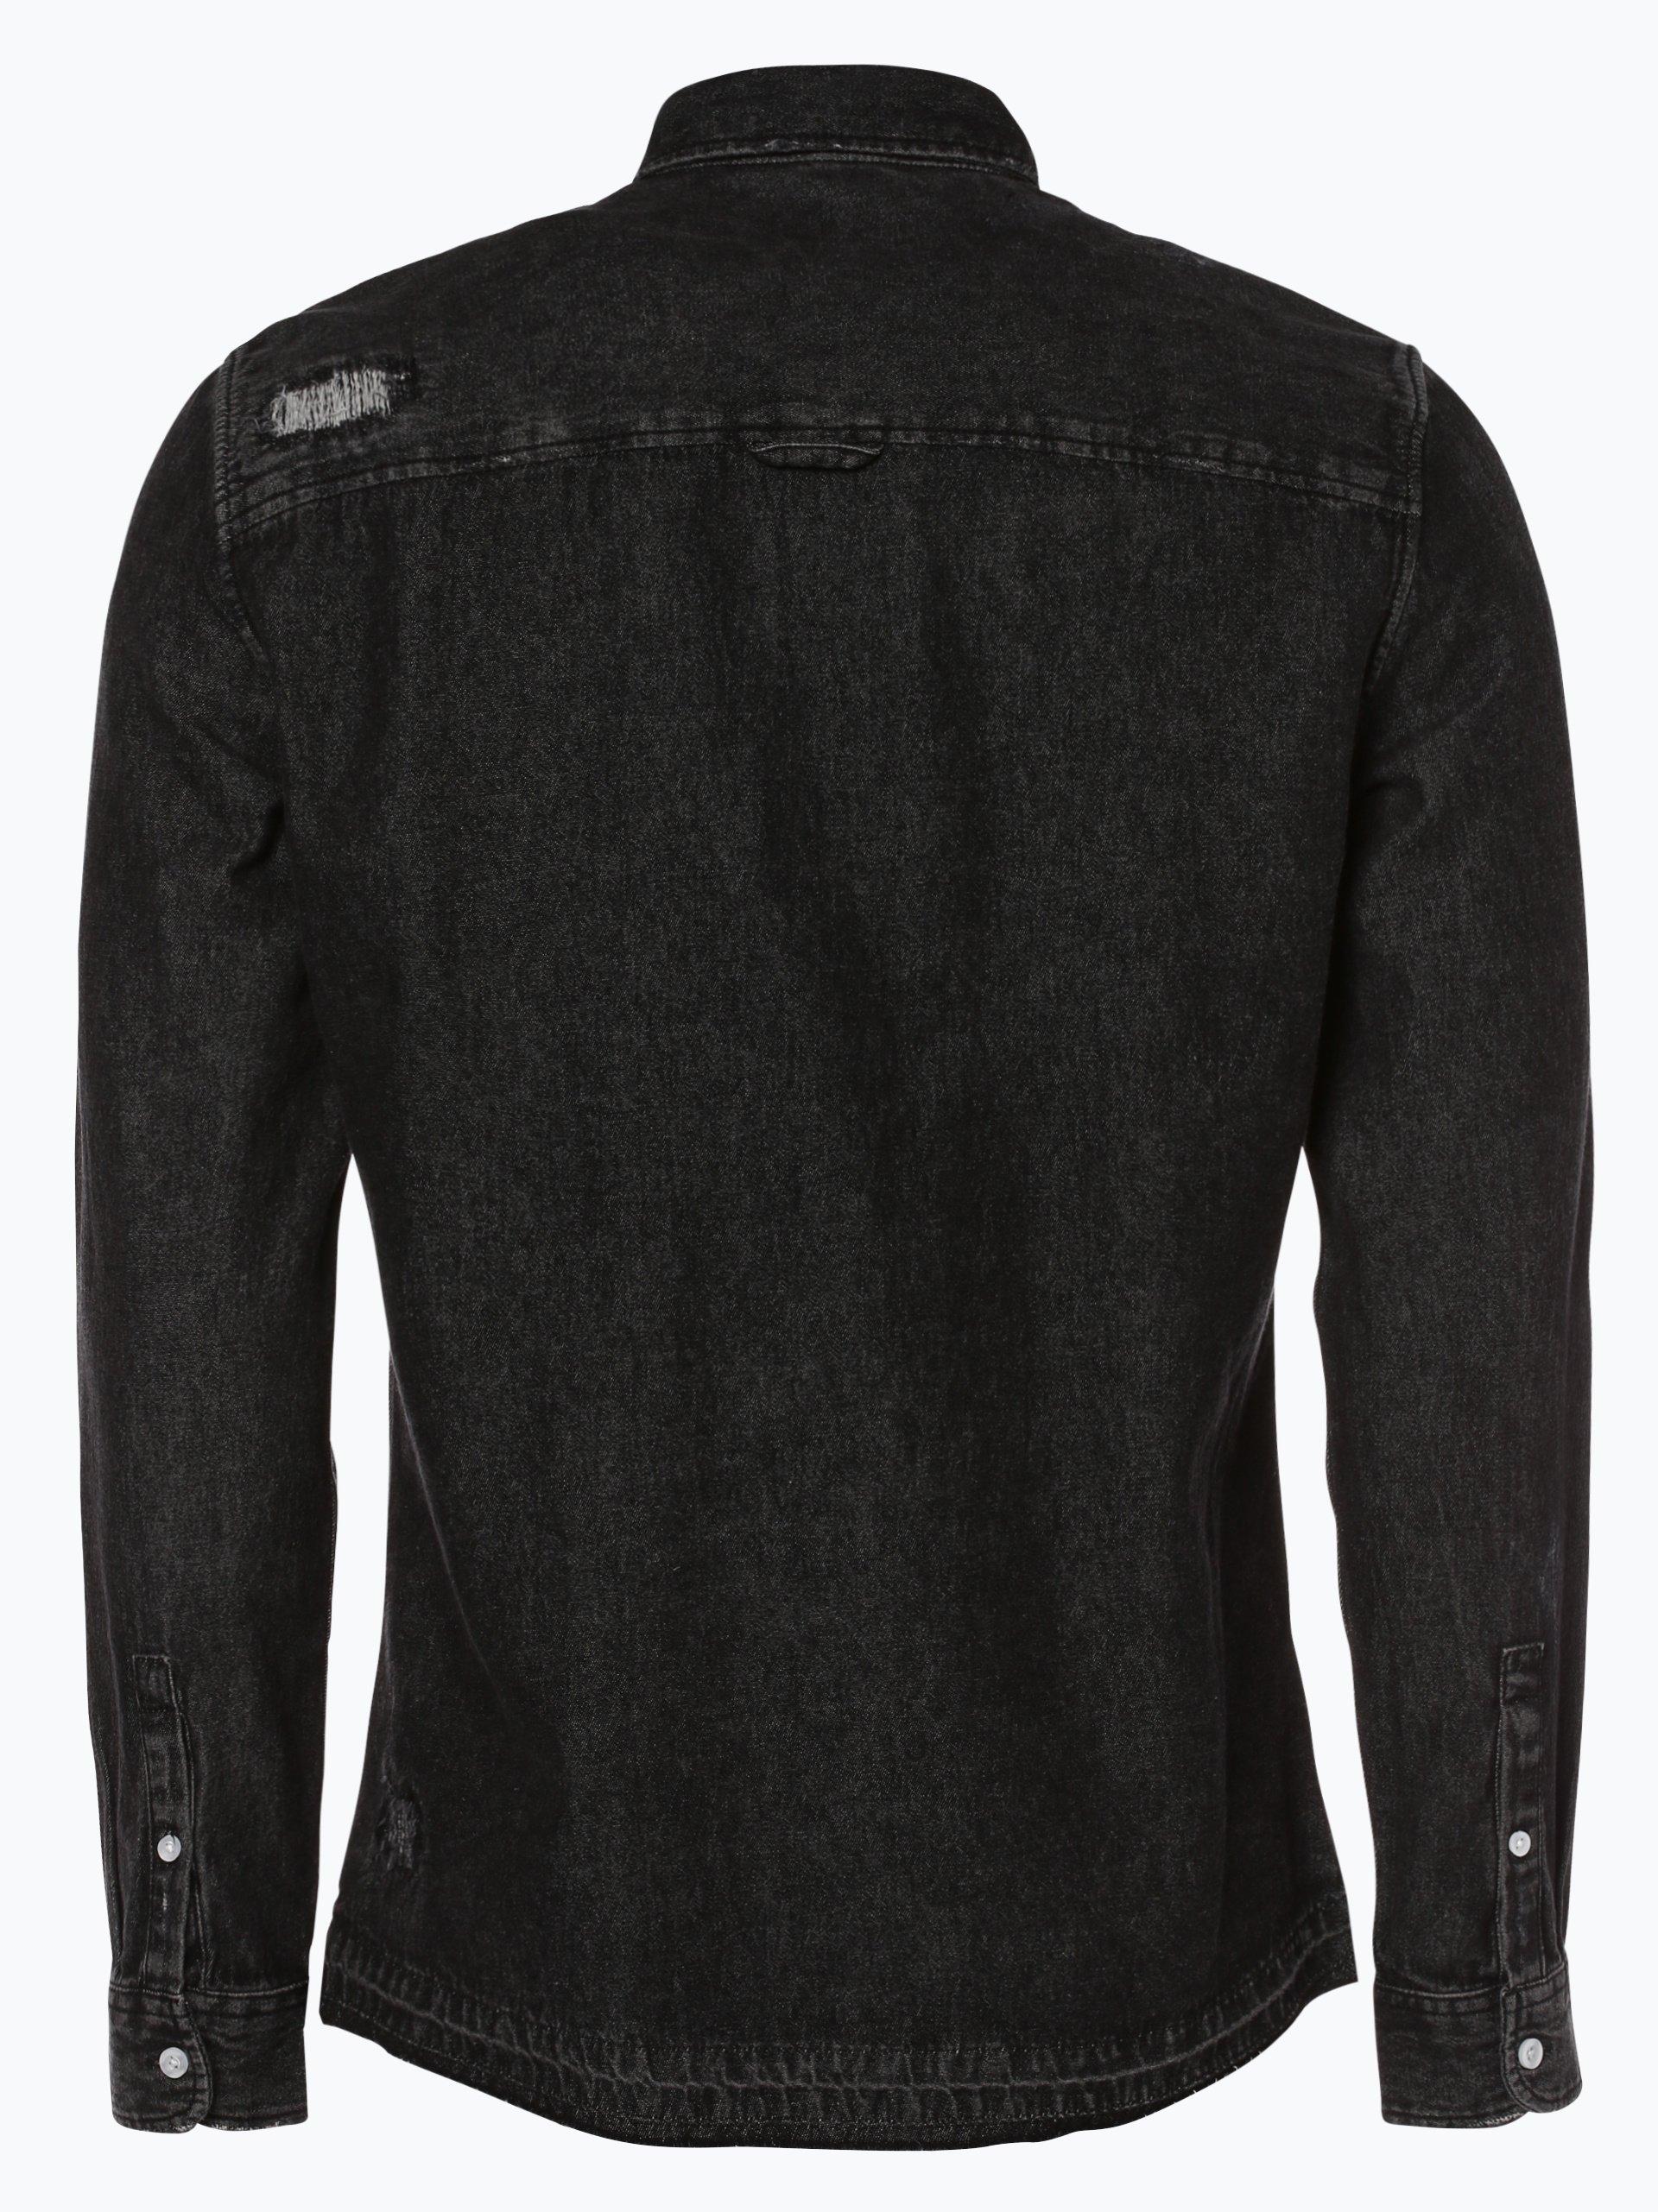 review herren jeanshemd schwarz uni online kaufen peek und cloppenburg de. Black Bedroom Furniture Sets. Home Design Ideas